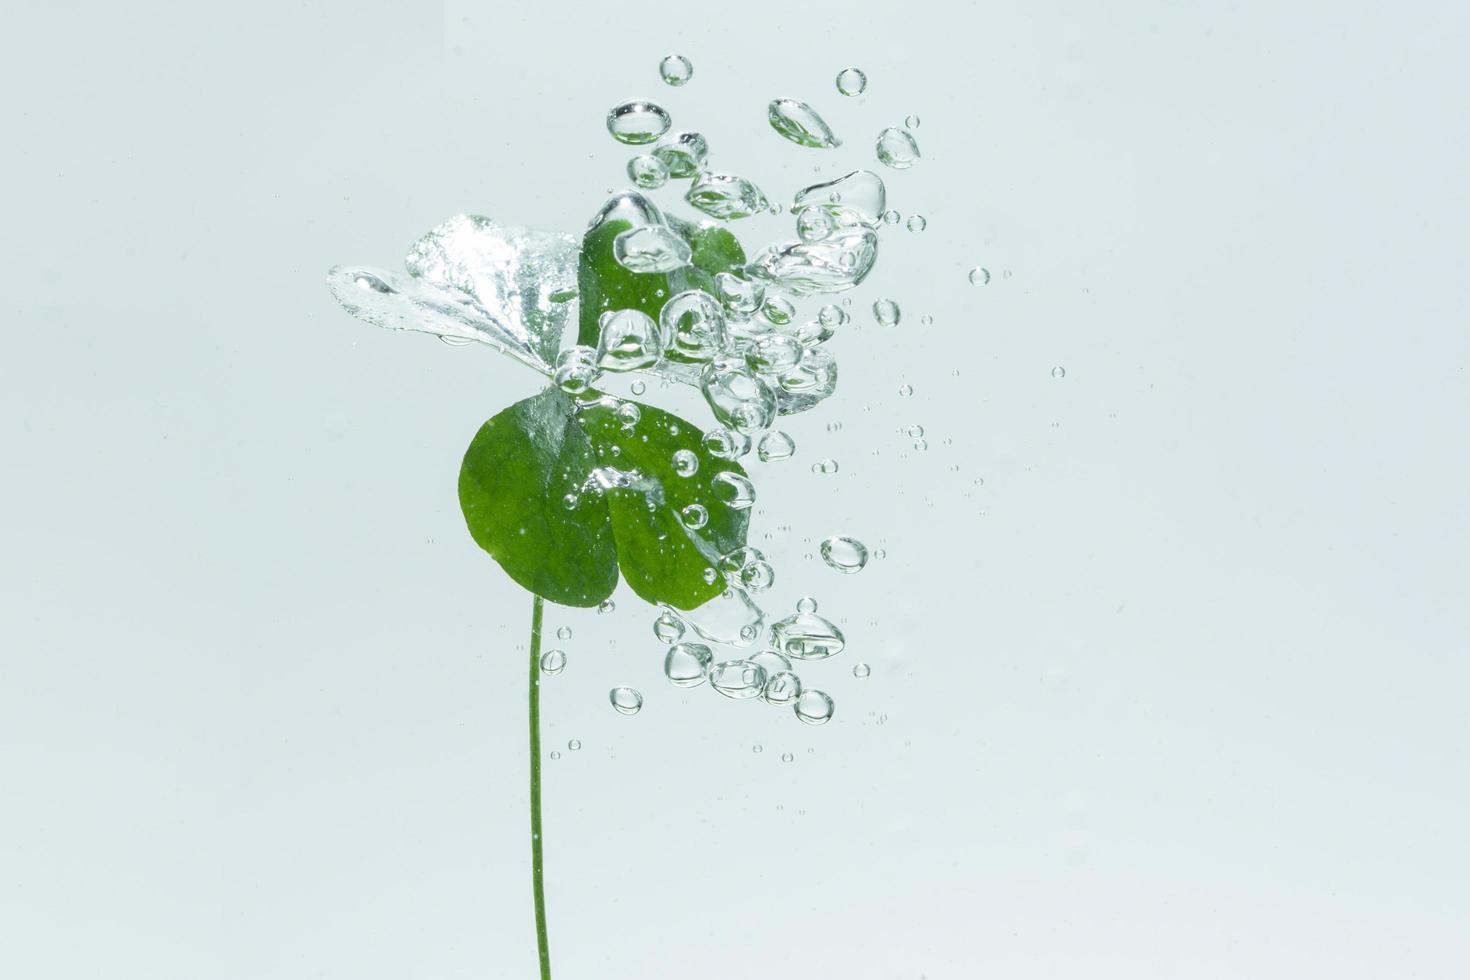 pianta verde e bolle nell'acqua foto